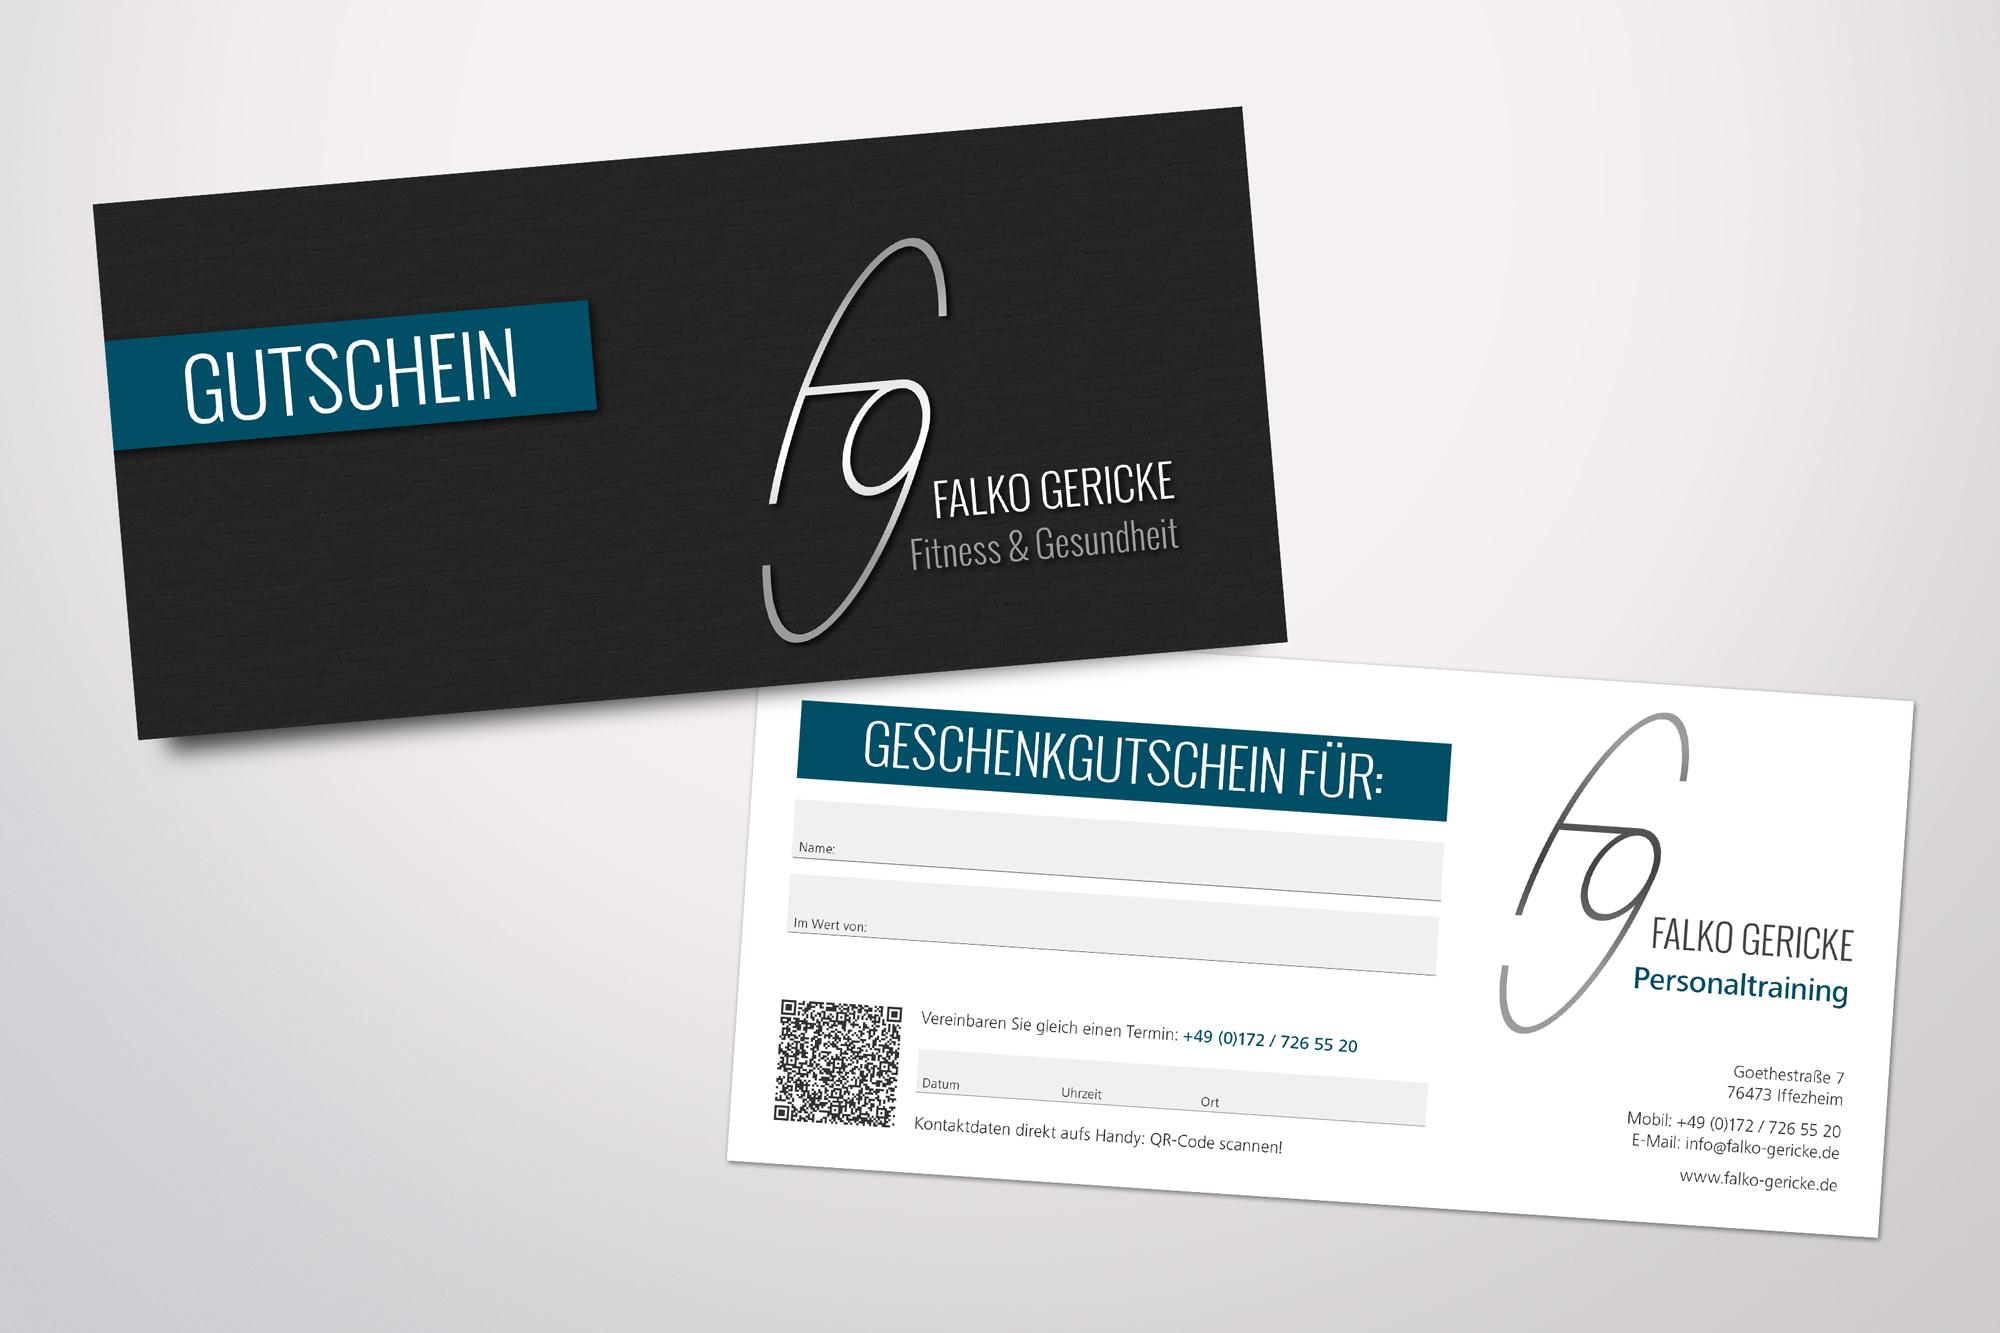 Fantastisch Gutschein Design Fotos - FORTSETZUNG ARBEITSBLATT ...